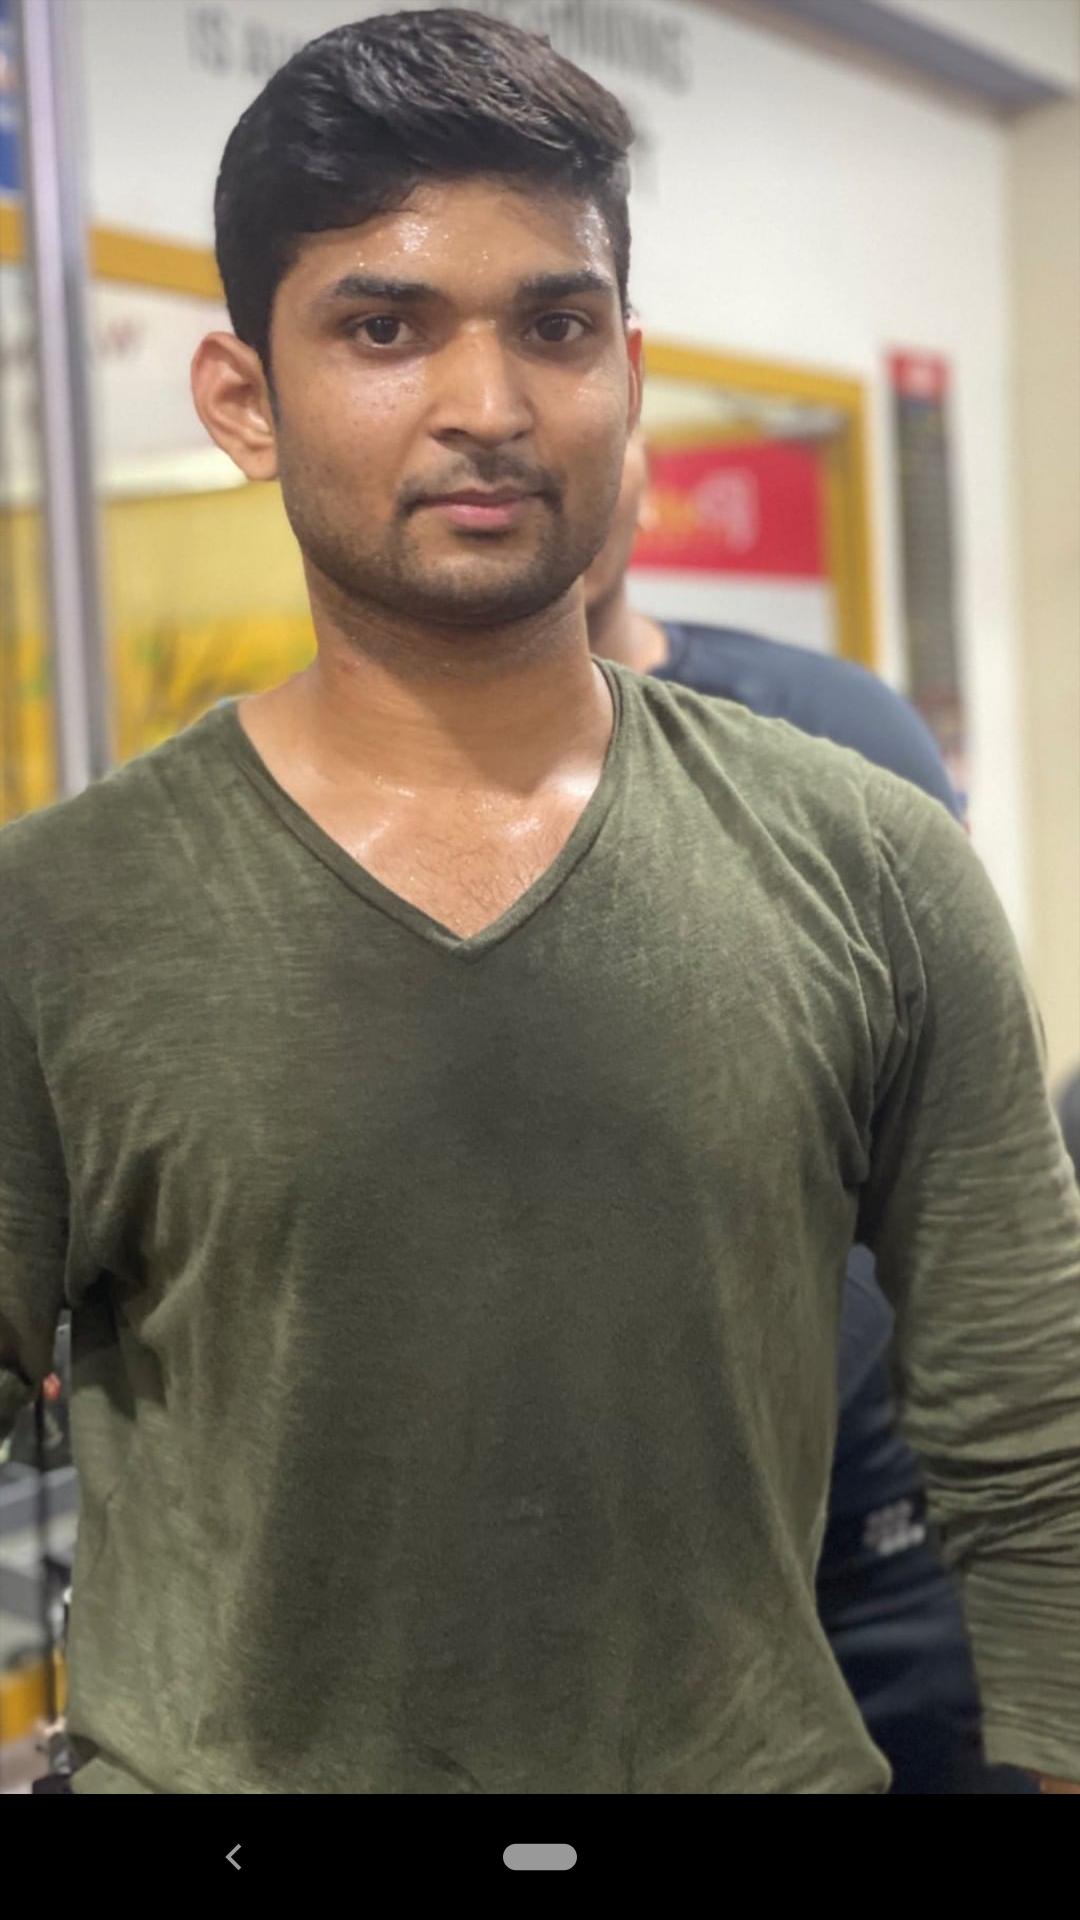 Mantavya Gaur